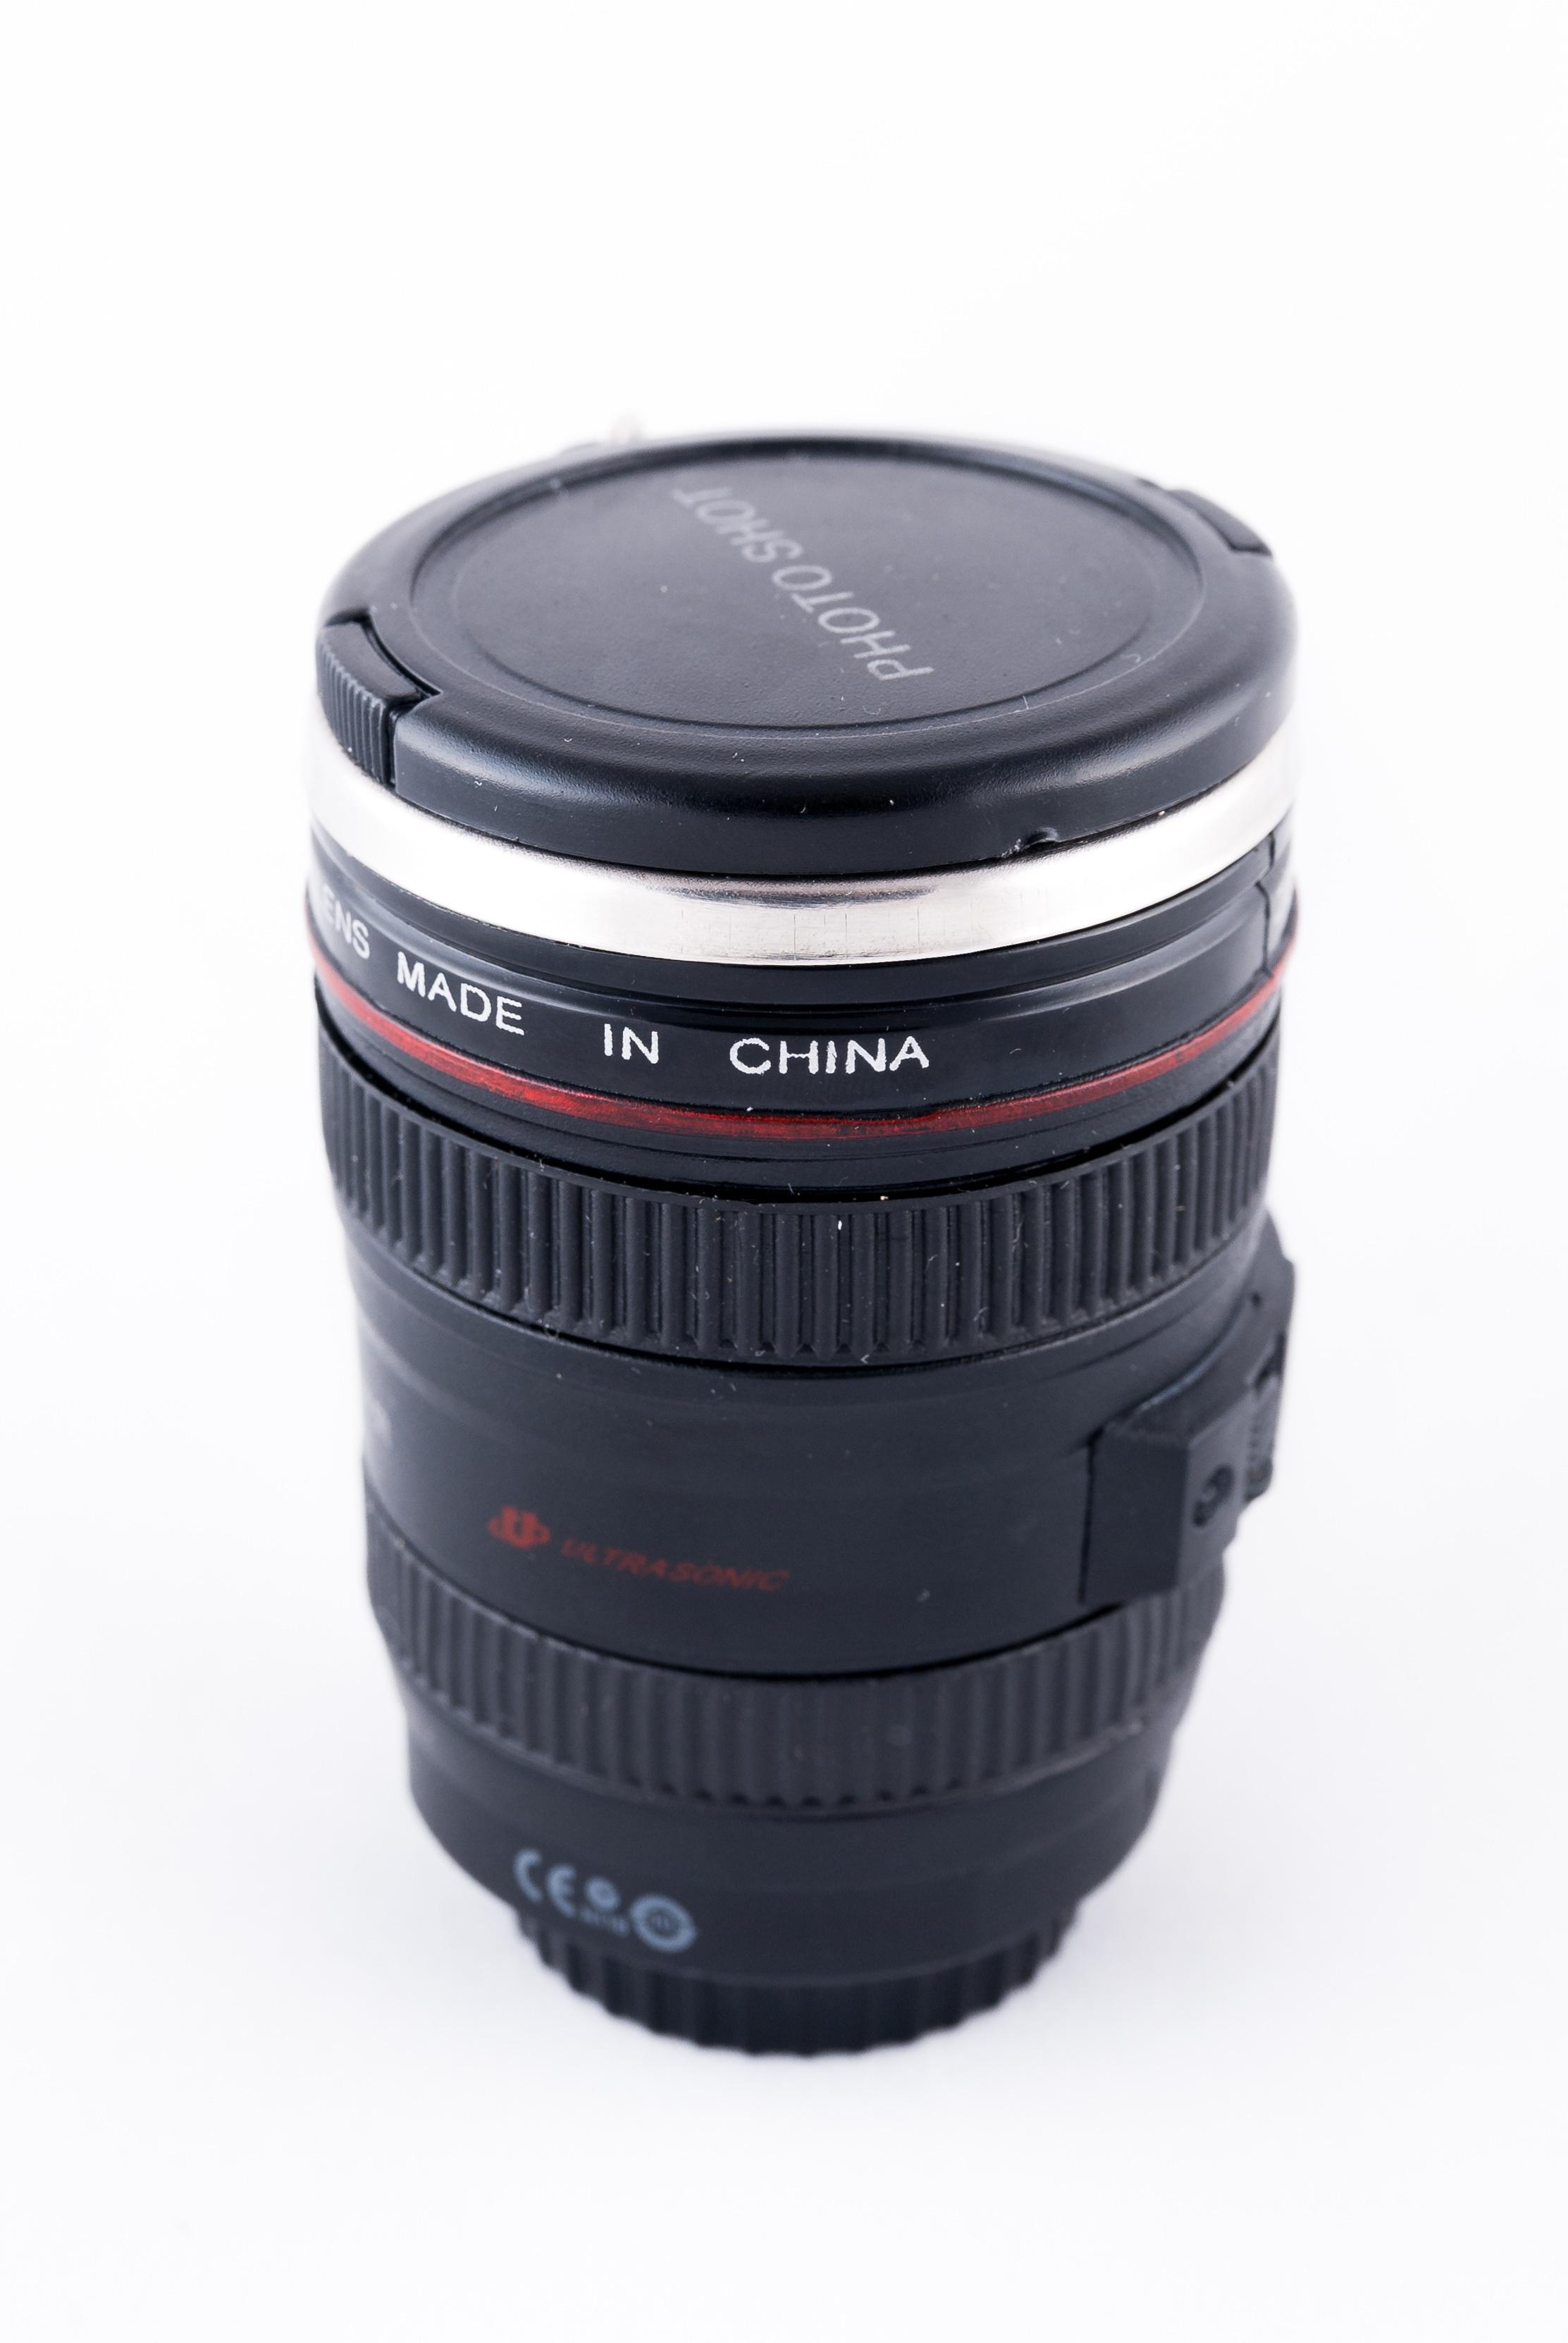 Fotos gratis : fotógrafo, vaso, de cerca, óptica, producto, cámara ...